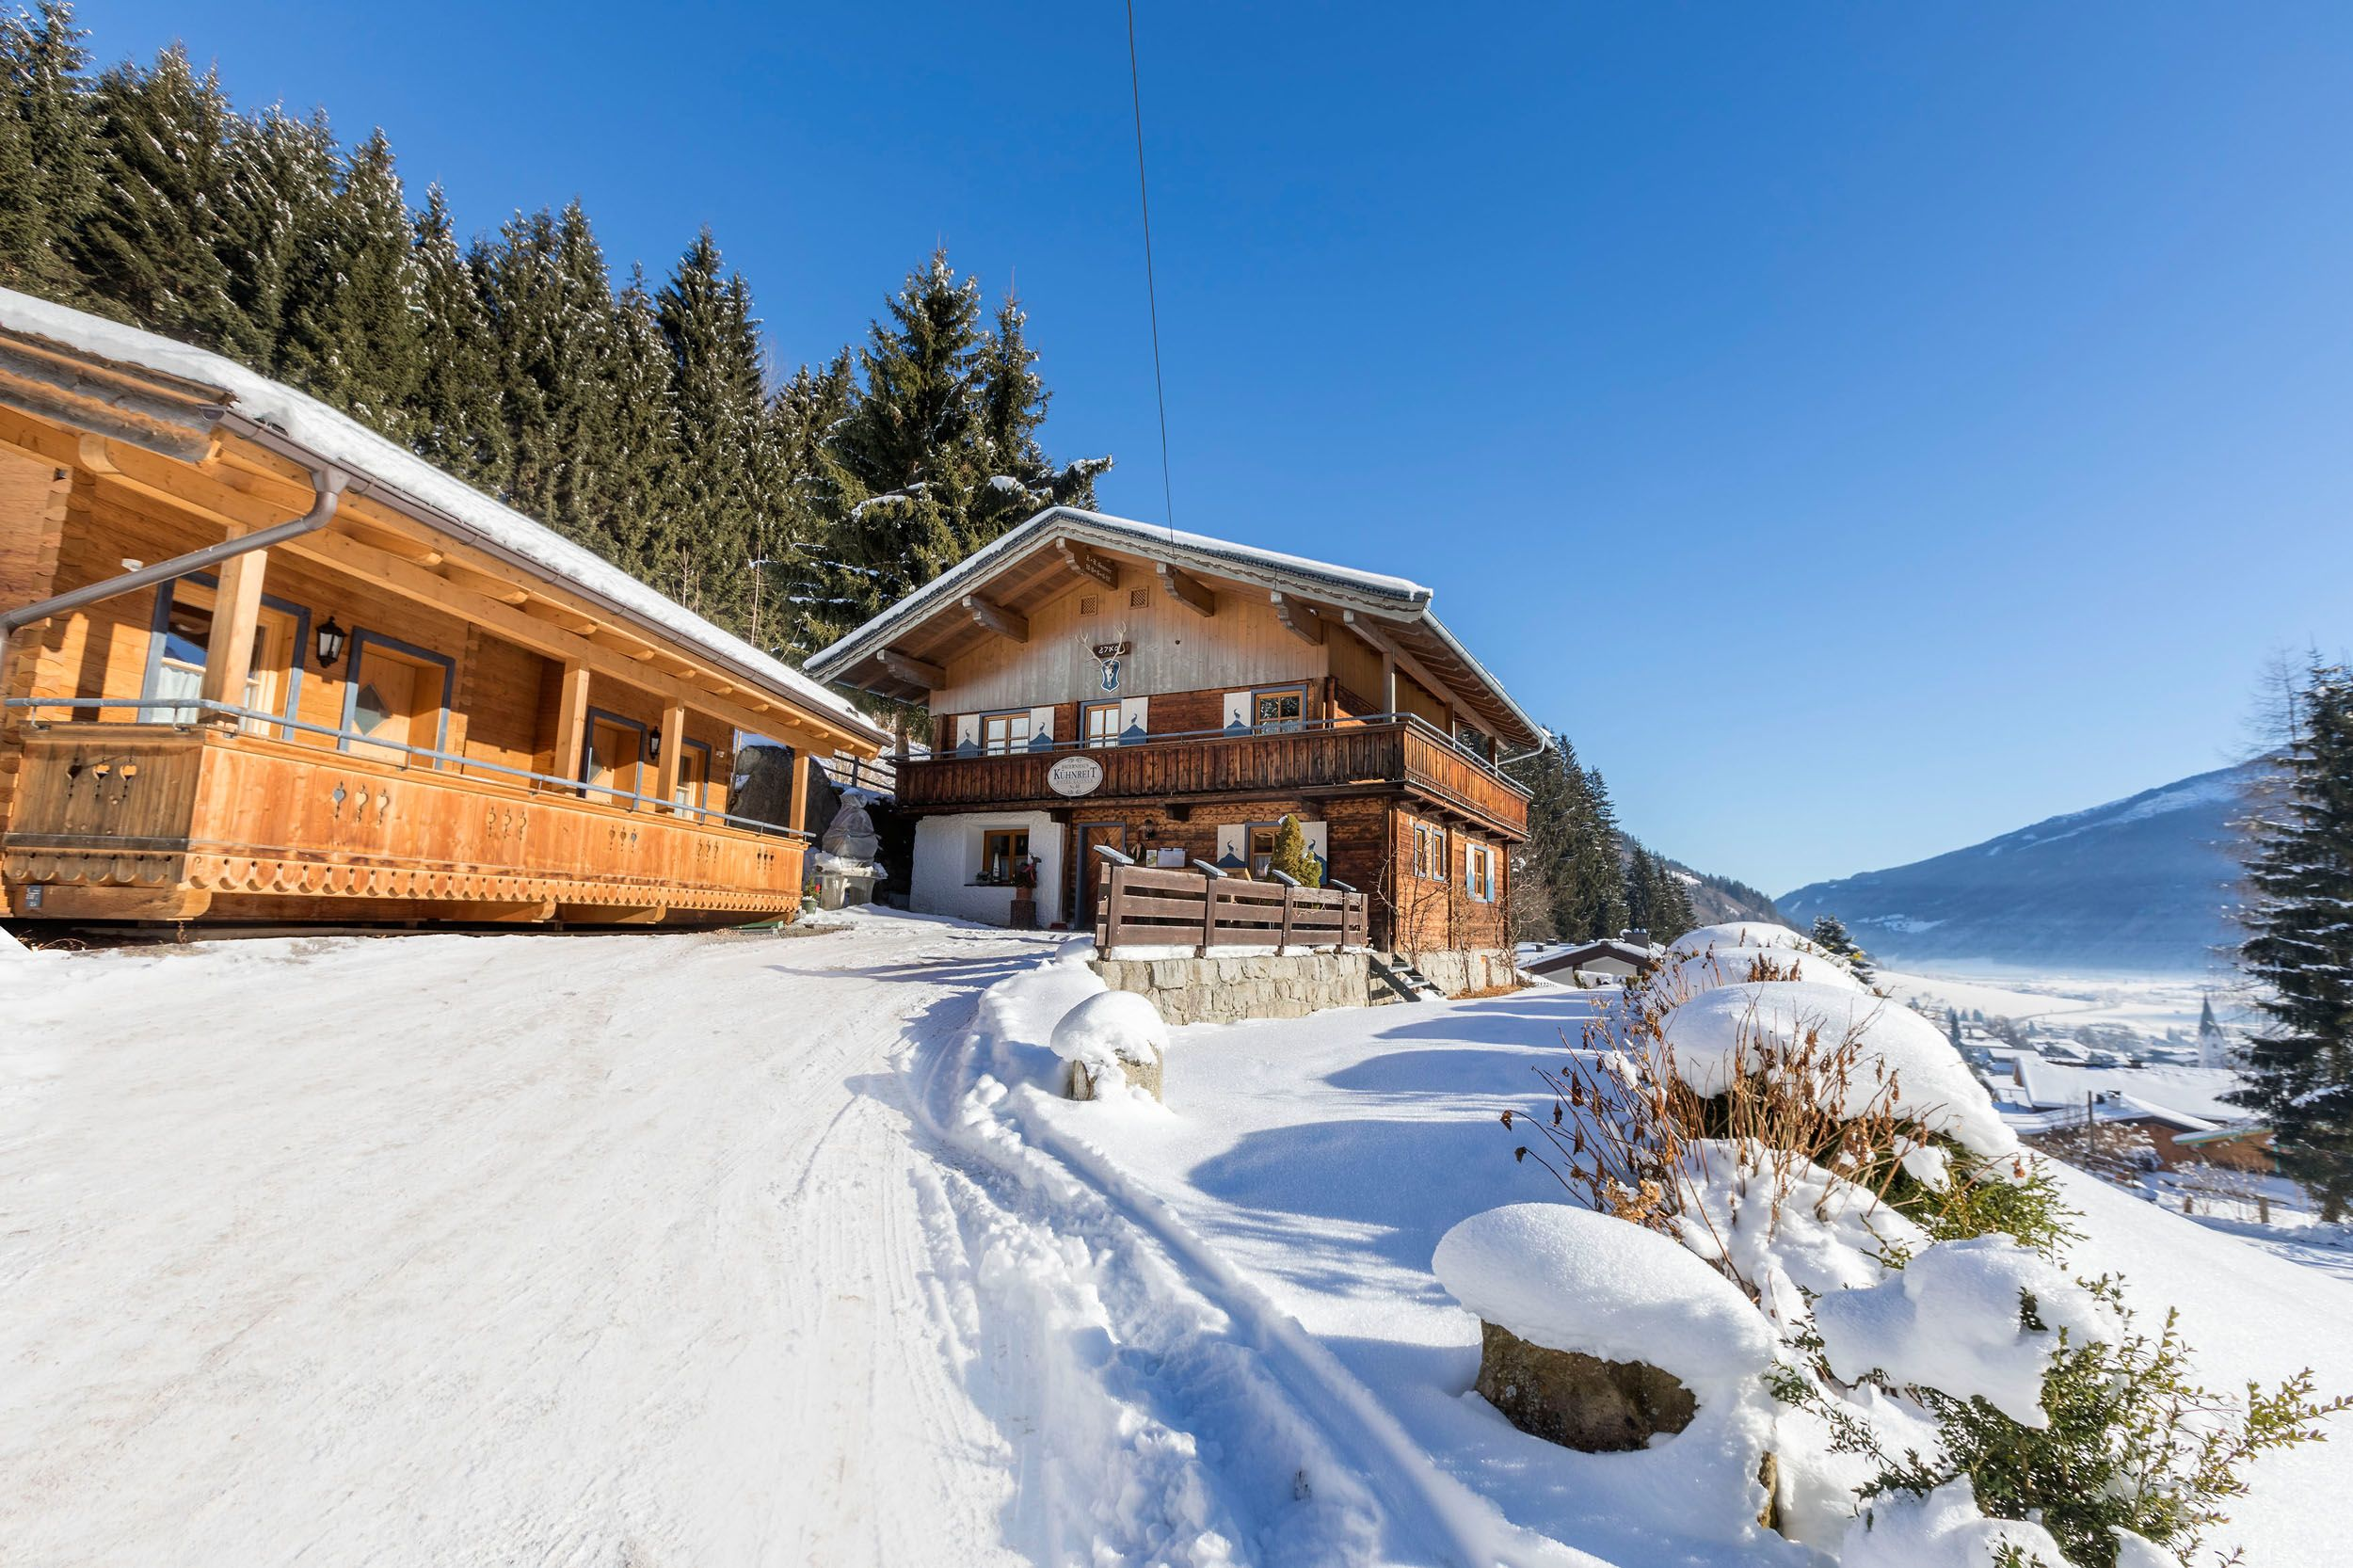 Im Winter kann direkt vor der Haustür losgerodelt werden.